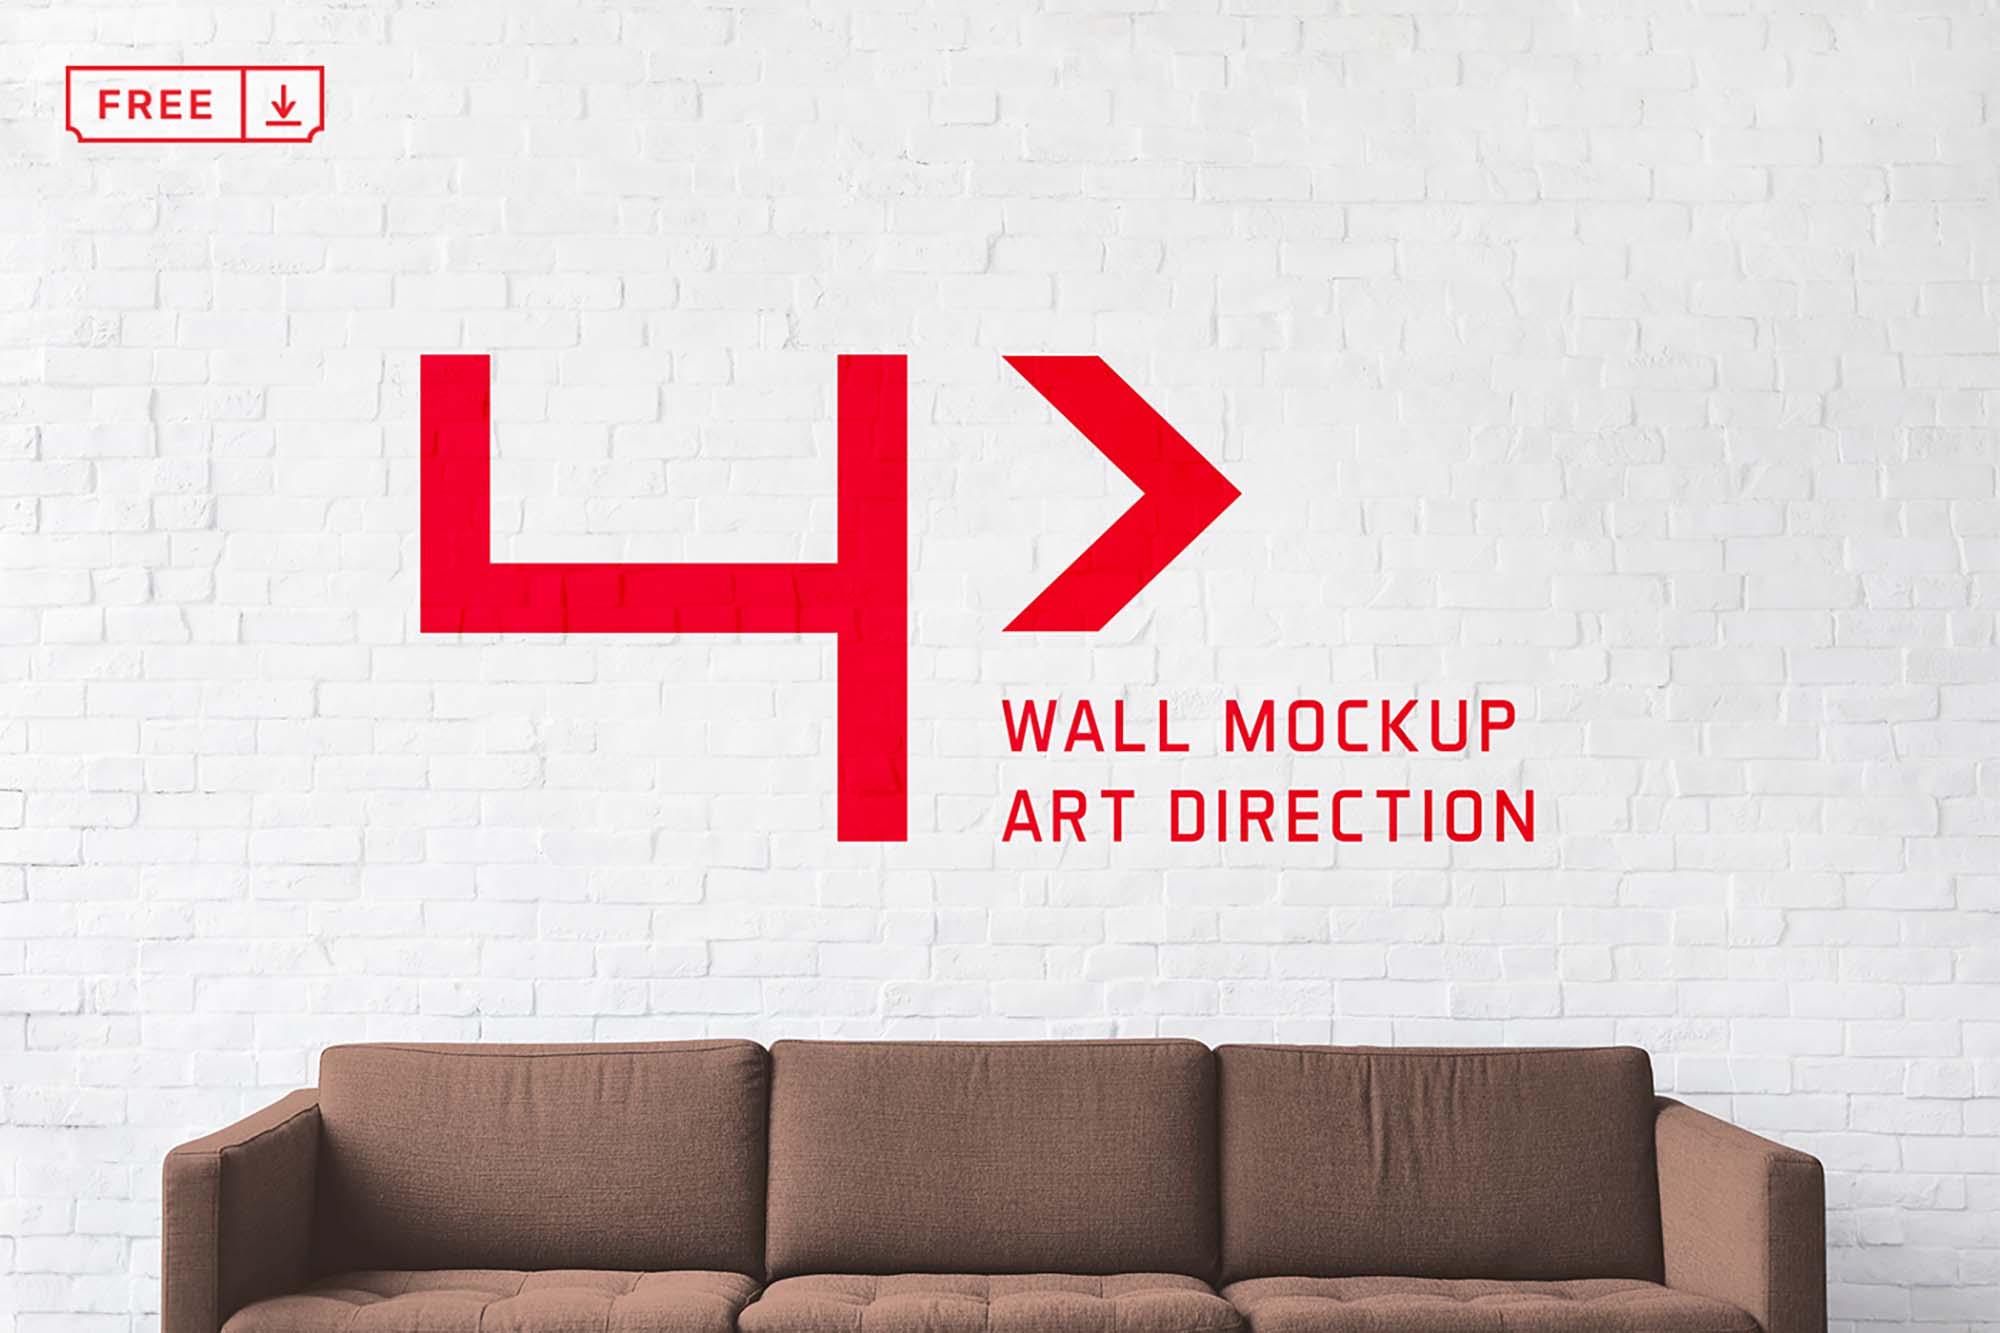 Brick Wall Mockup